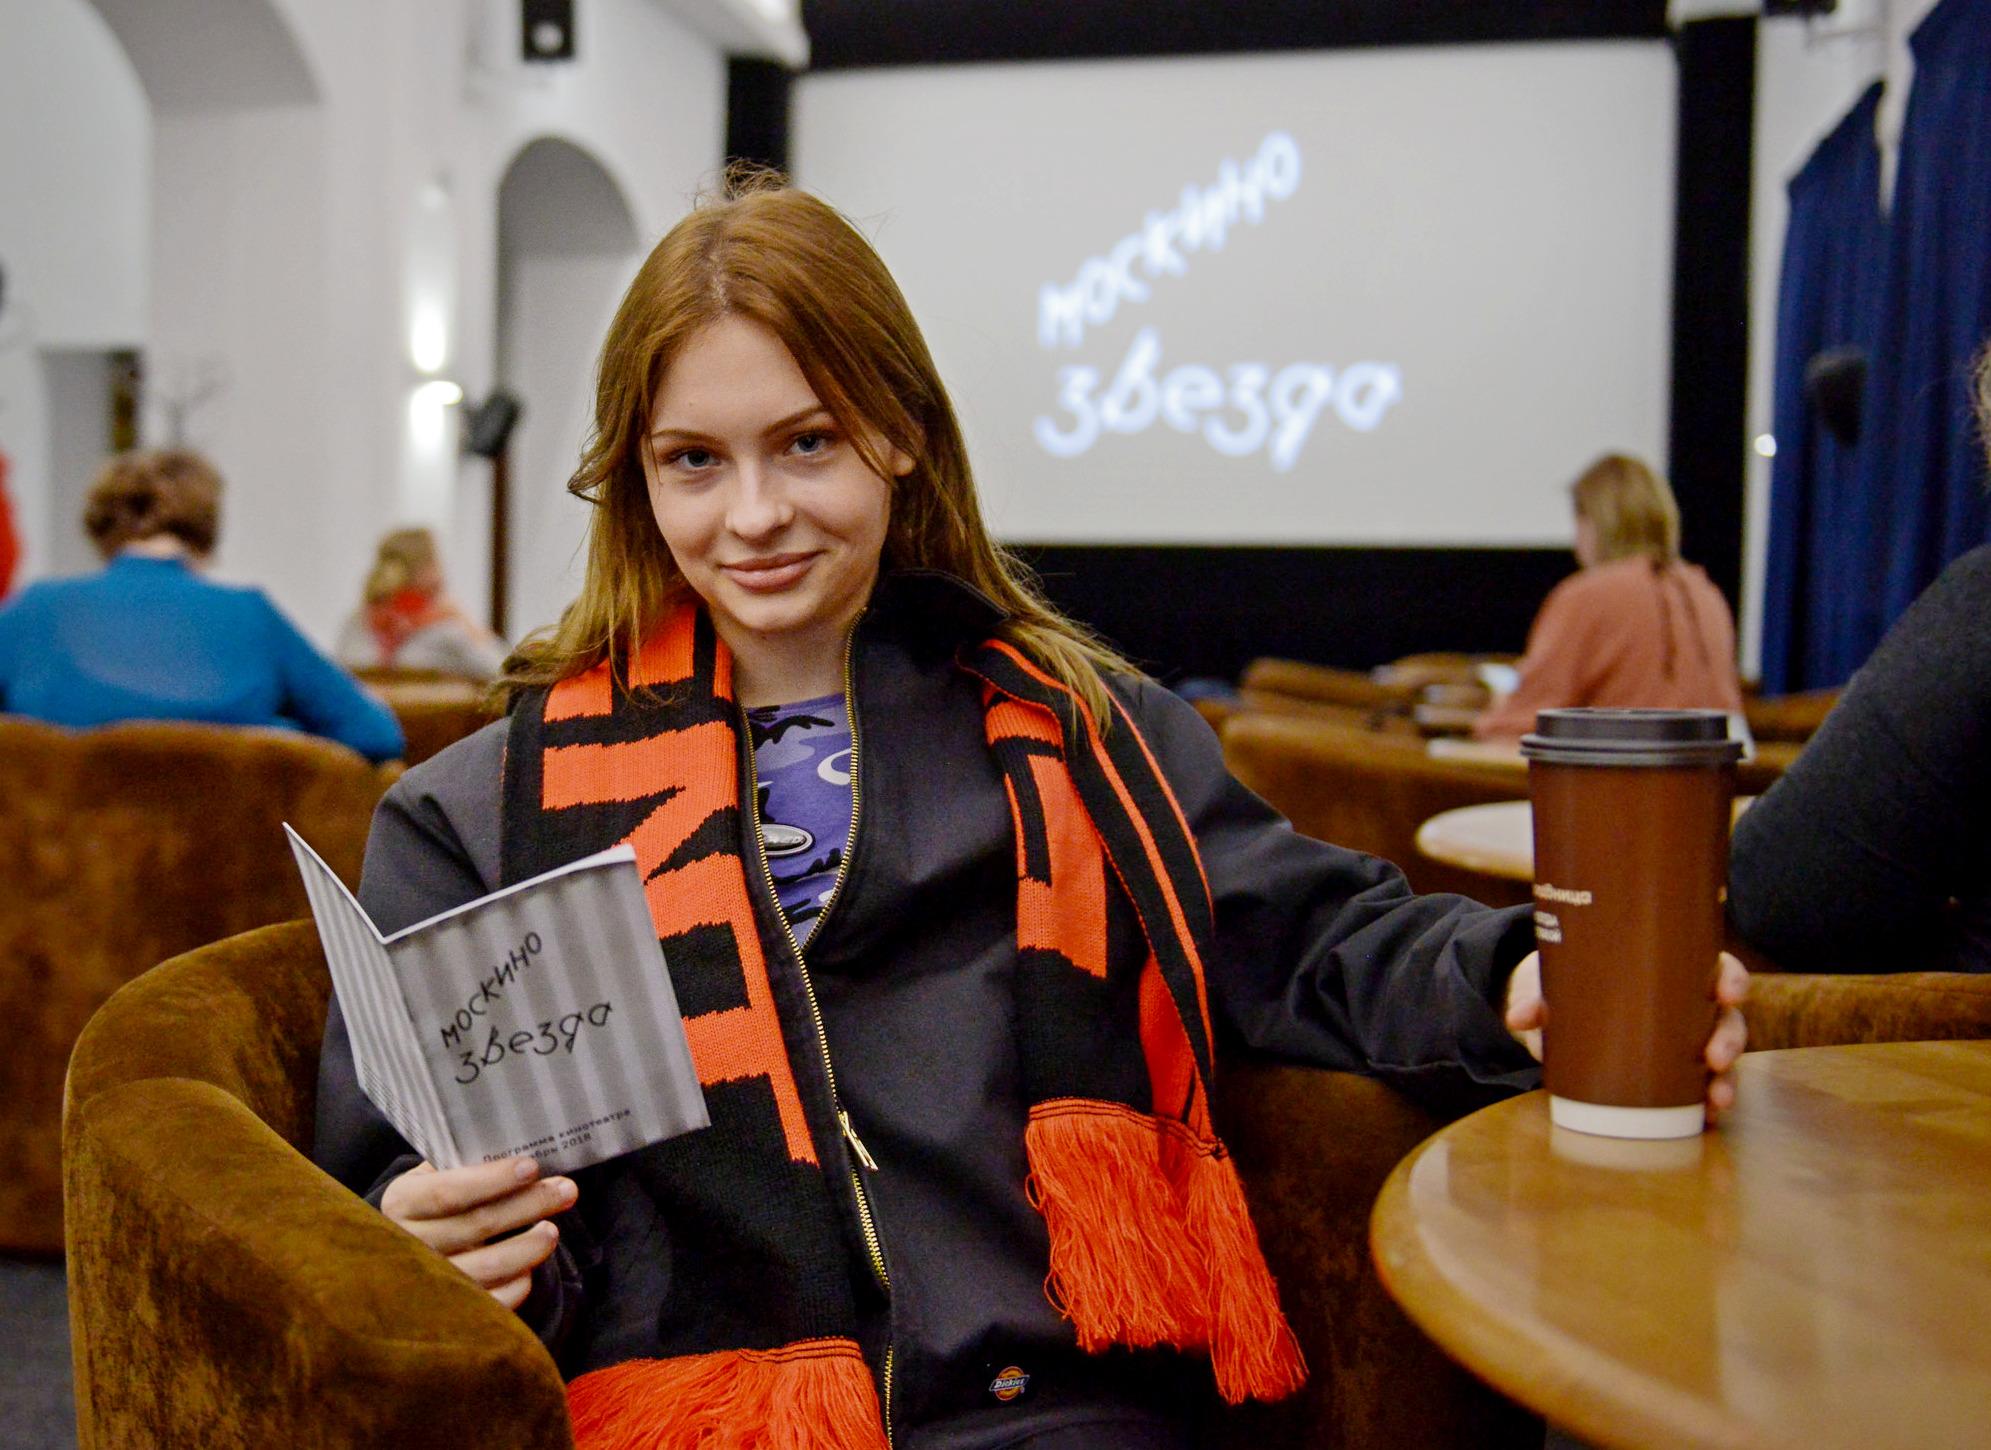 Сеть «Москино» представила обновленную программу. Фото: Наталья Феоктистова, «Вечерняя Москва»